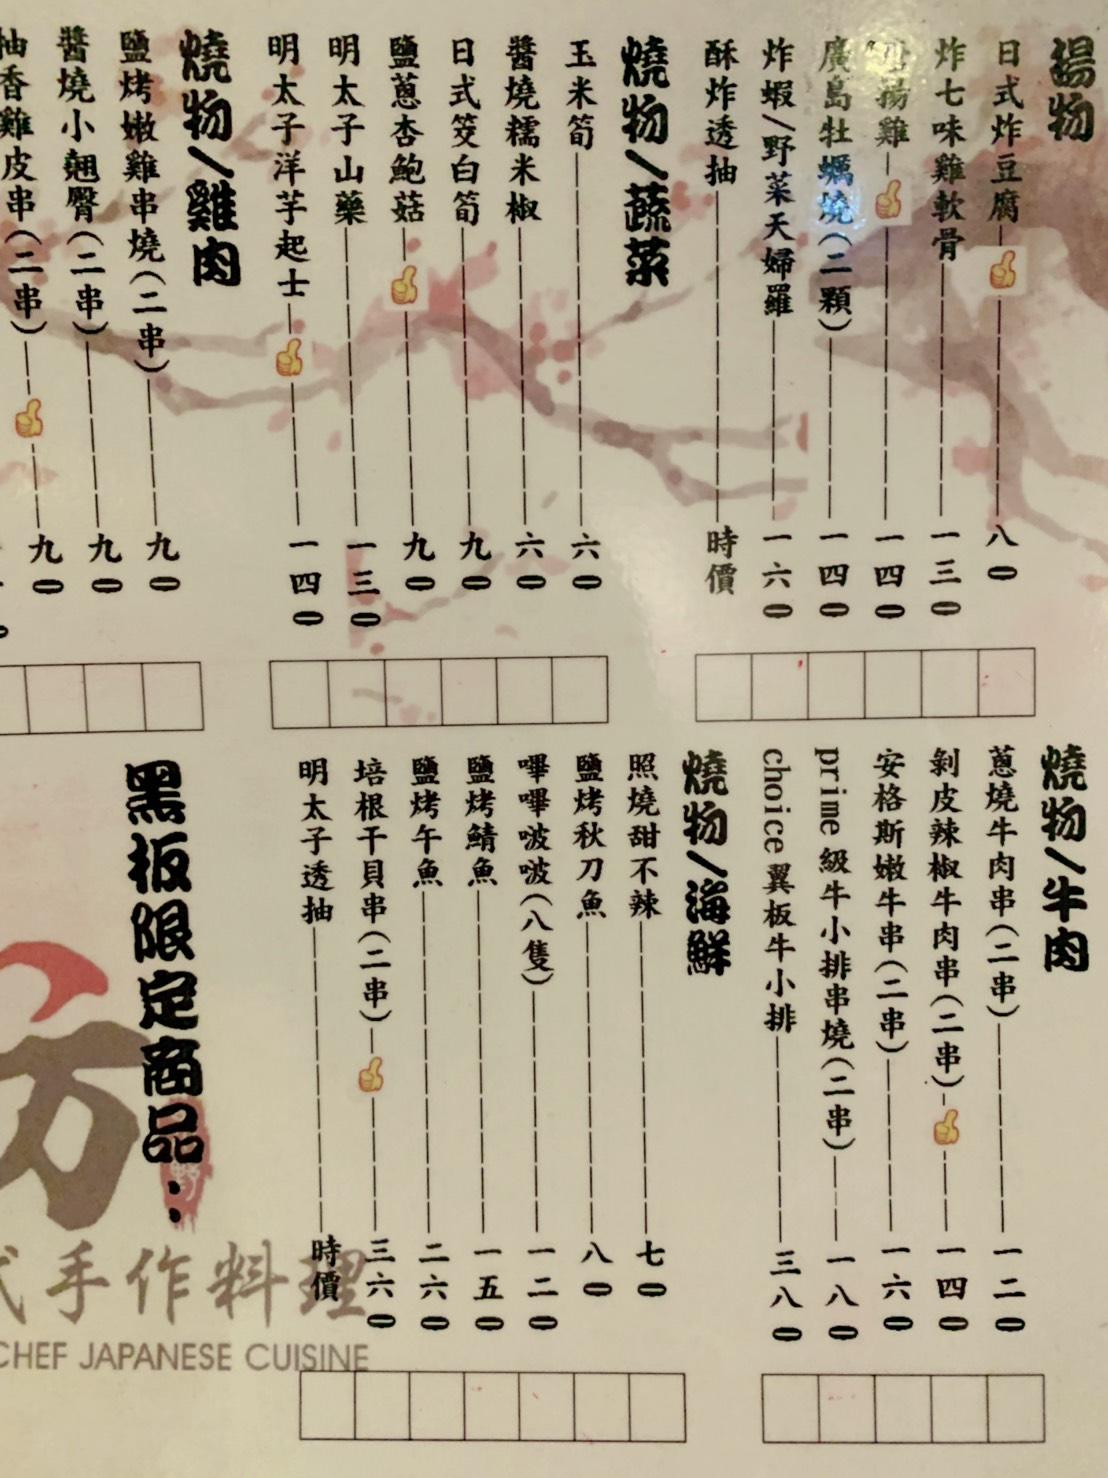 [板橋]新埔宵夜推薦 禾野坊日式料理 下班小酌平價好吃居酒屋